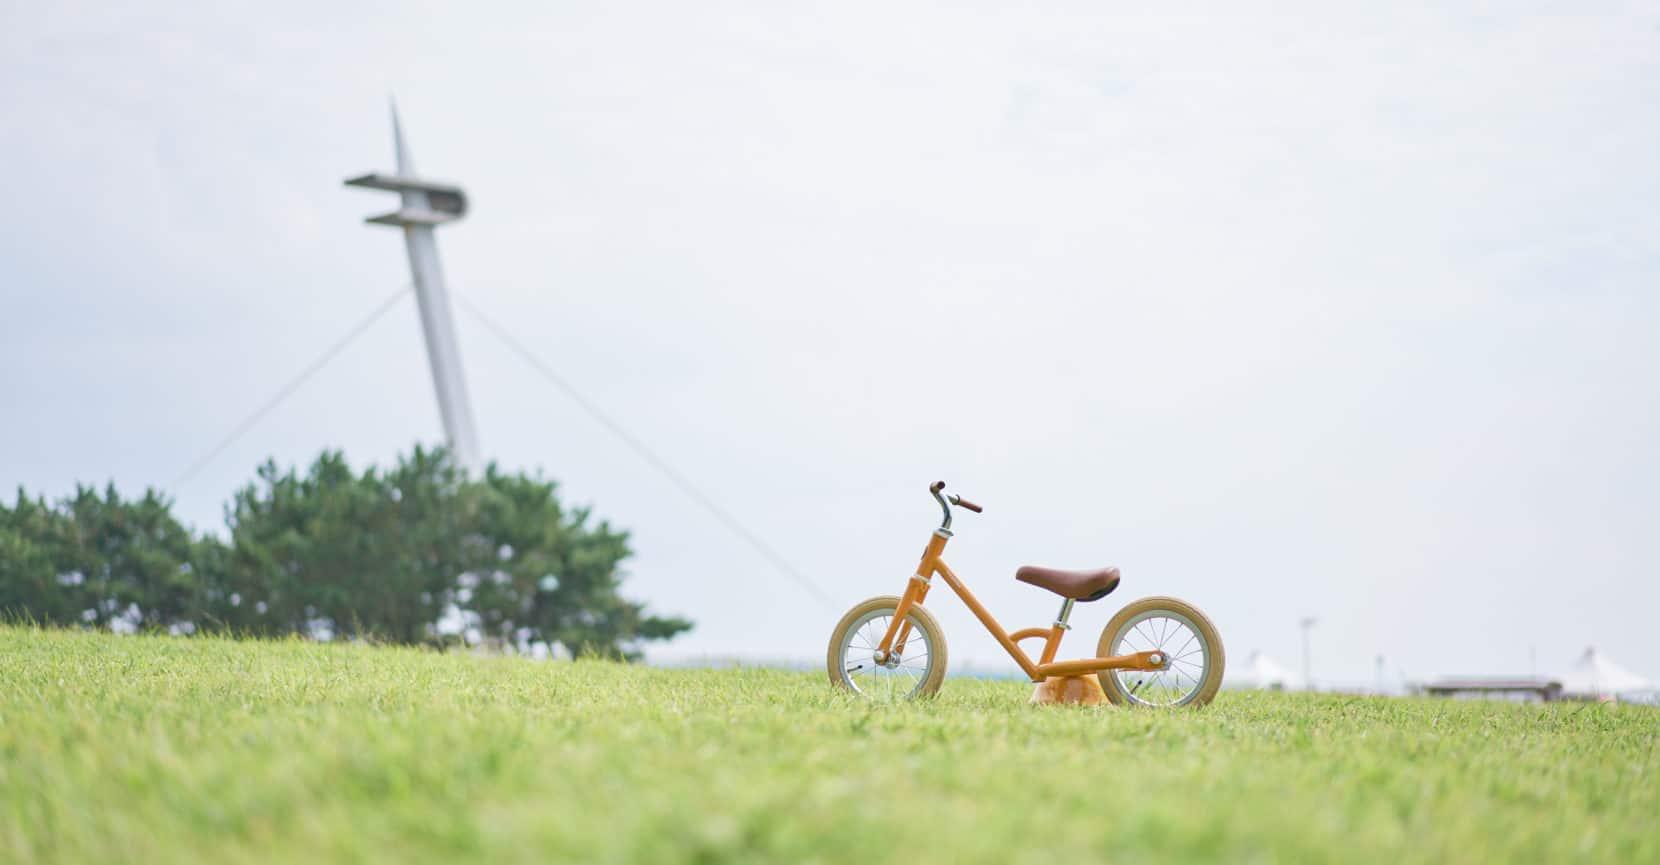 おしゃれな子ども用自転車little tokyobike キックバイクtokyobike paddle